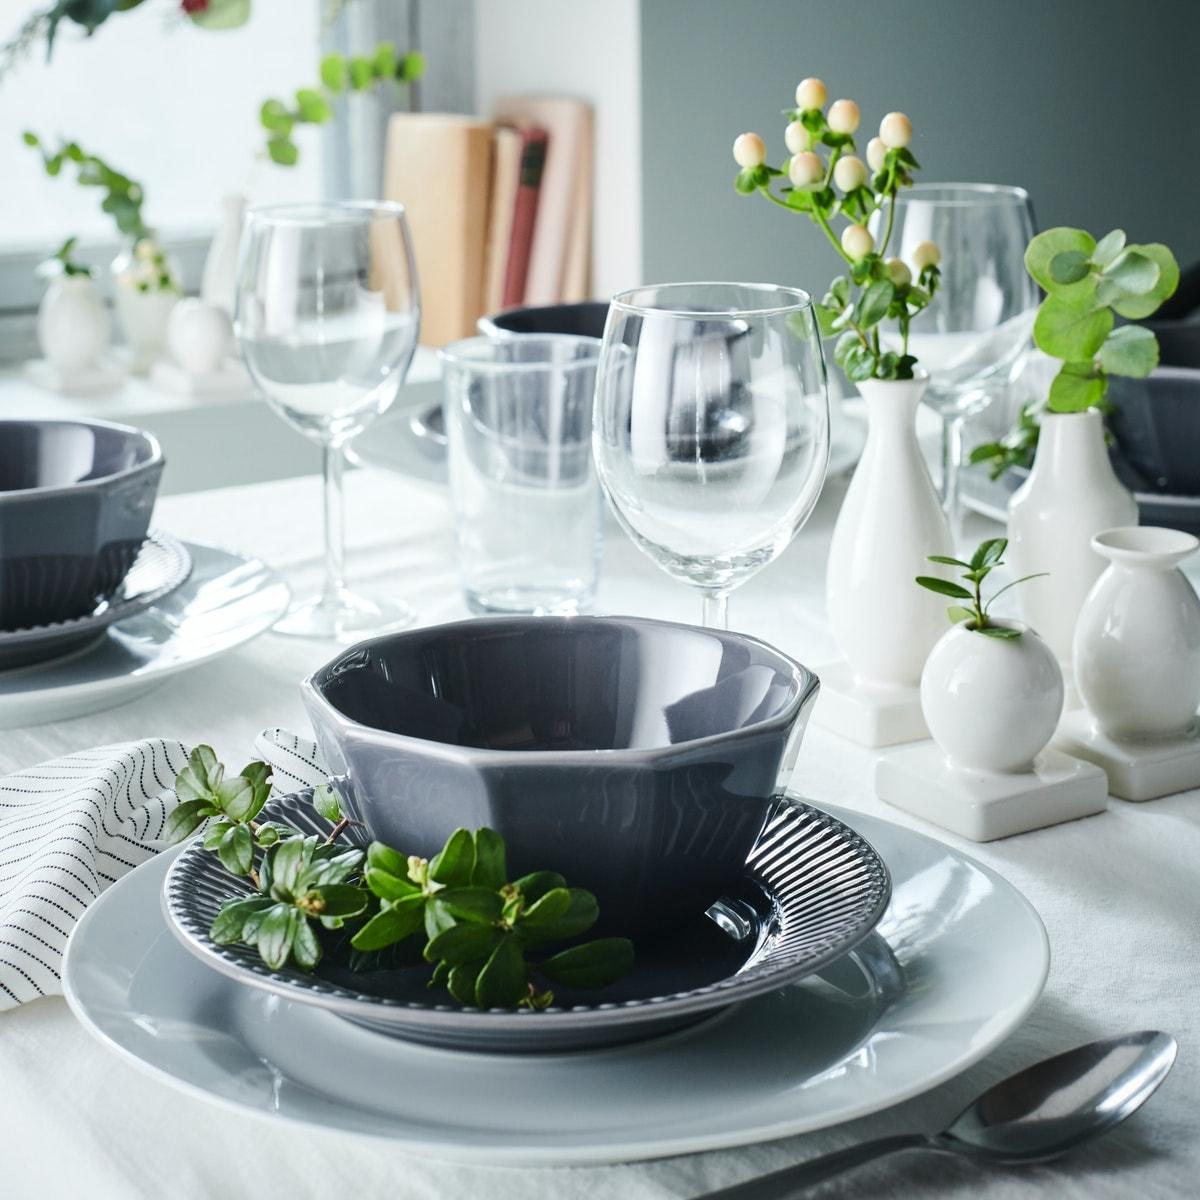 Ein Tischgedeck mit weißen Vasen und grünen Zweigen, kombiniert mit Weingläsern, weißen Tellern und grauen STRIMMIG Schüsseln